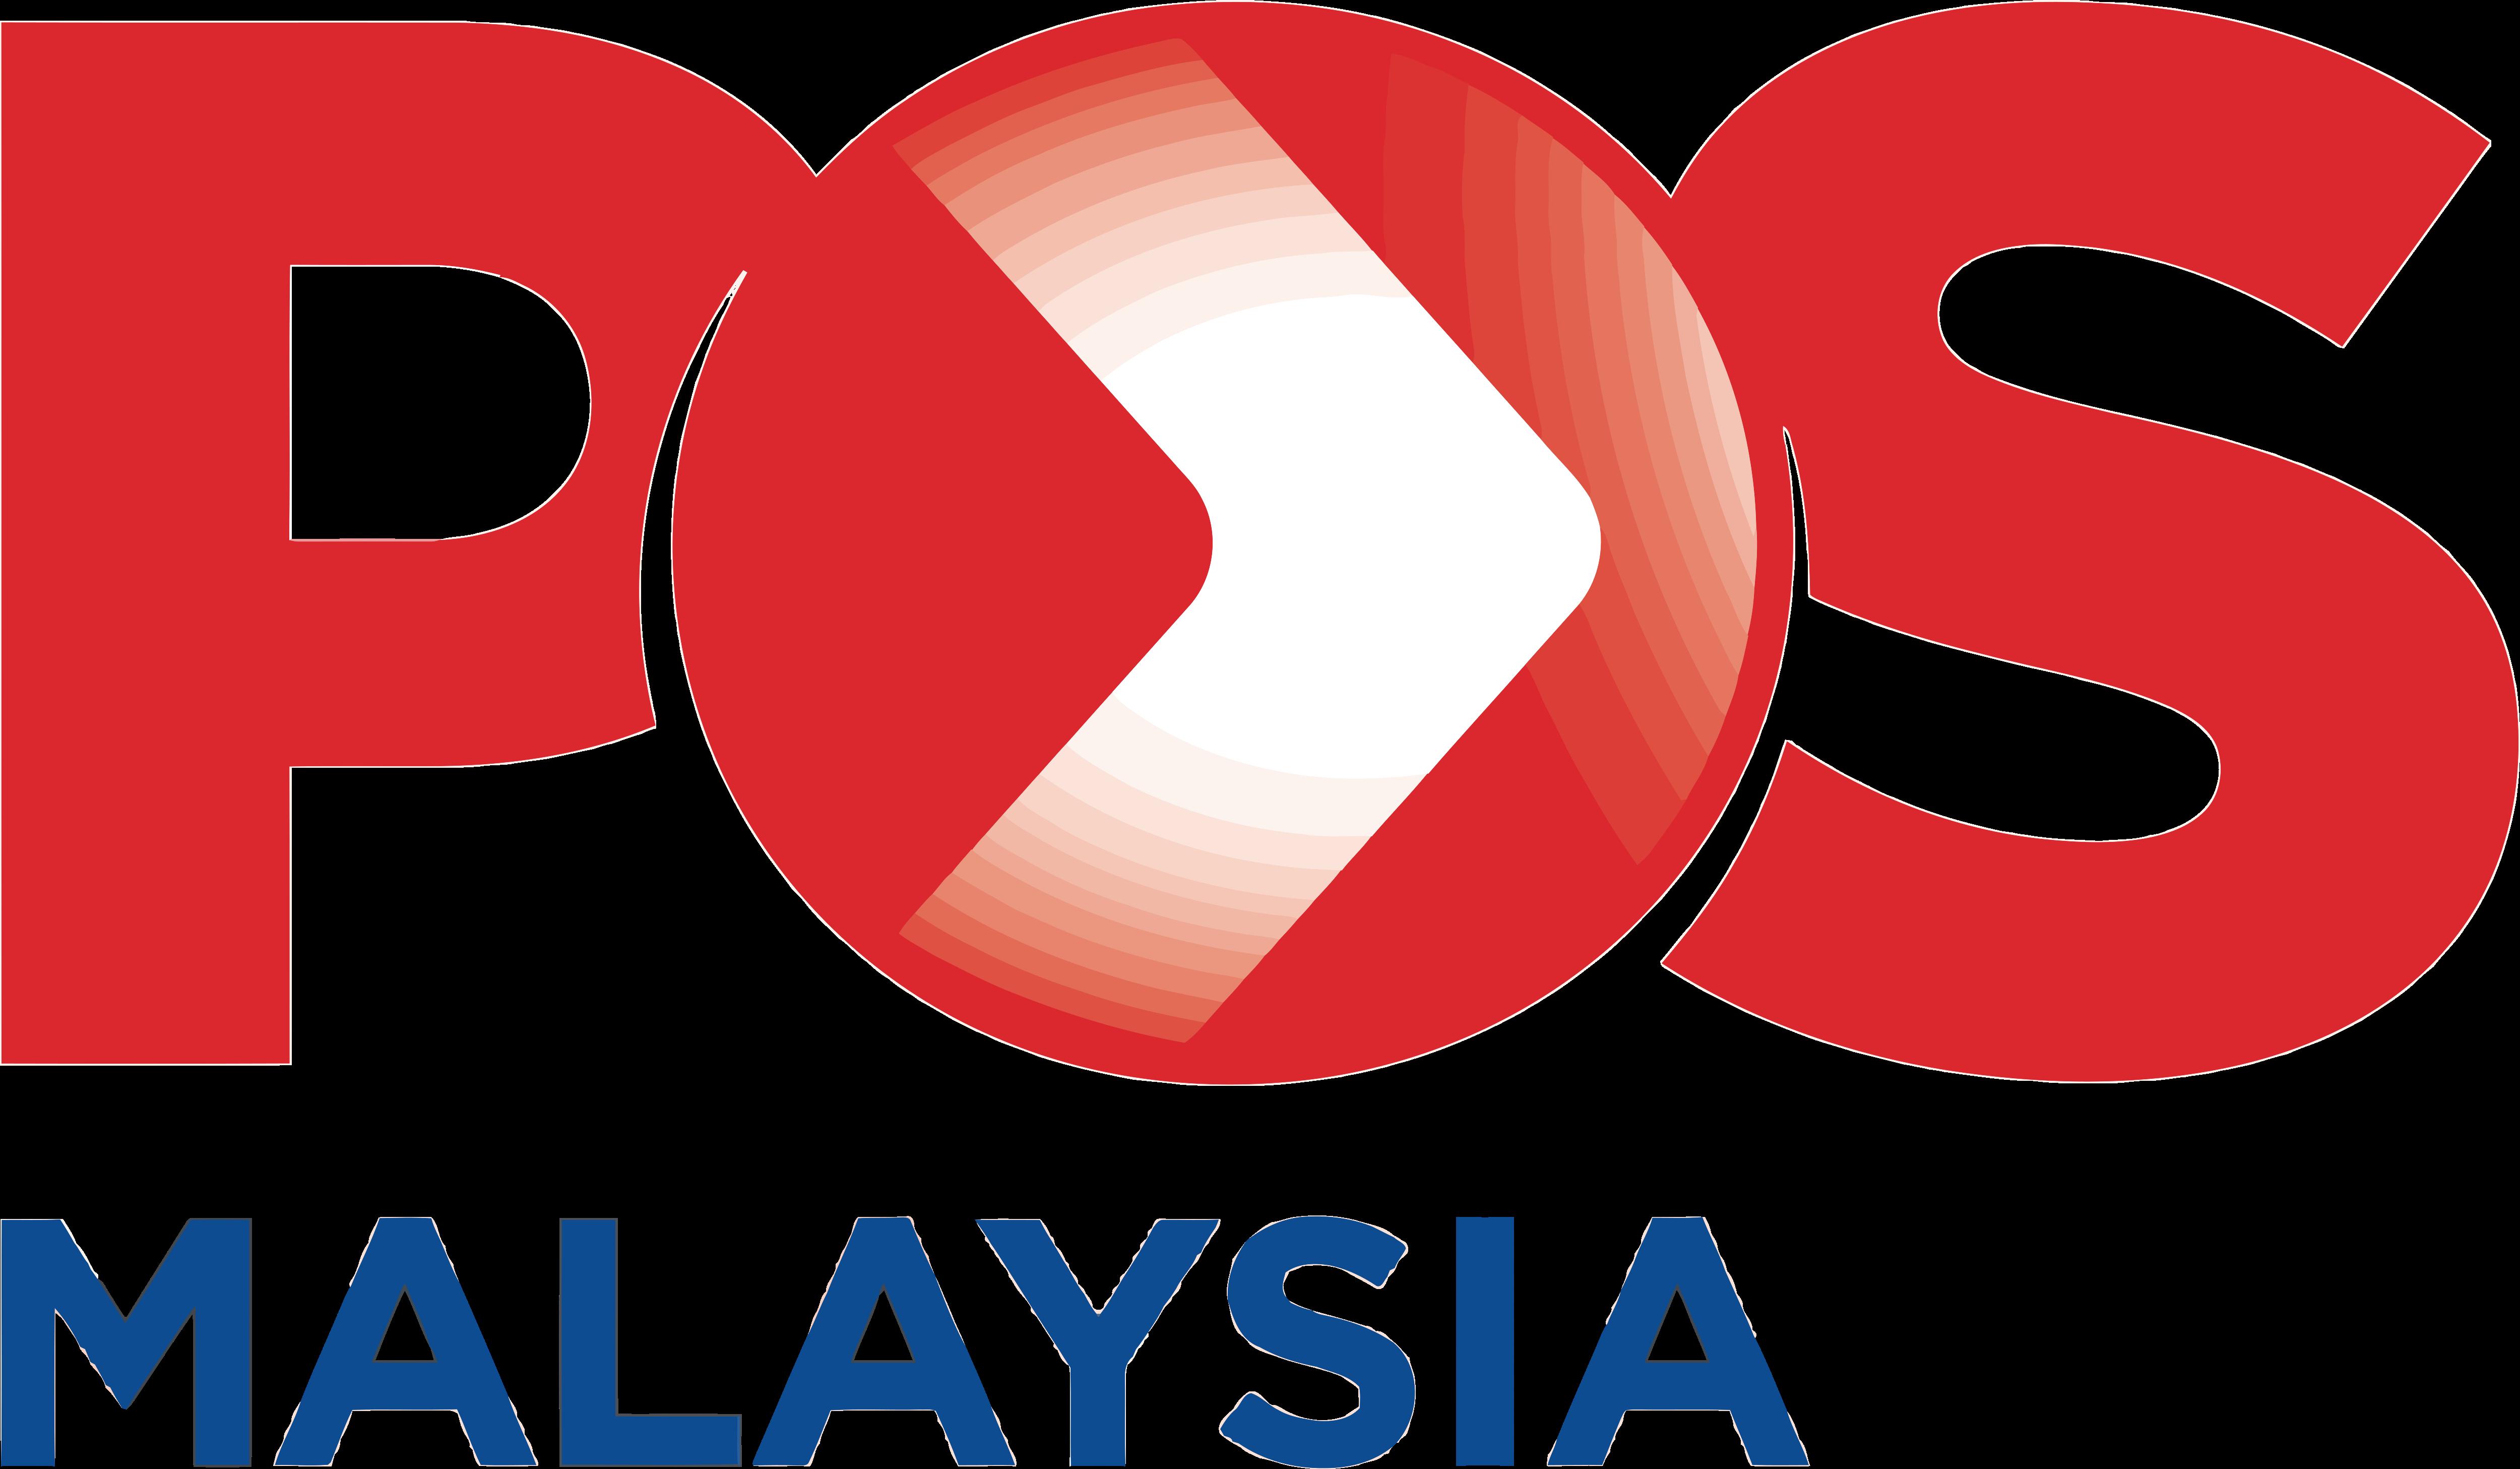 Pos Malaysia - Logos Download